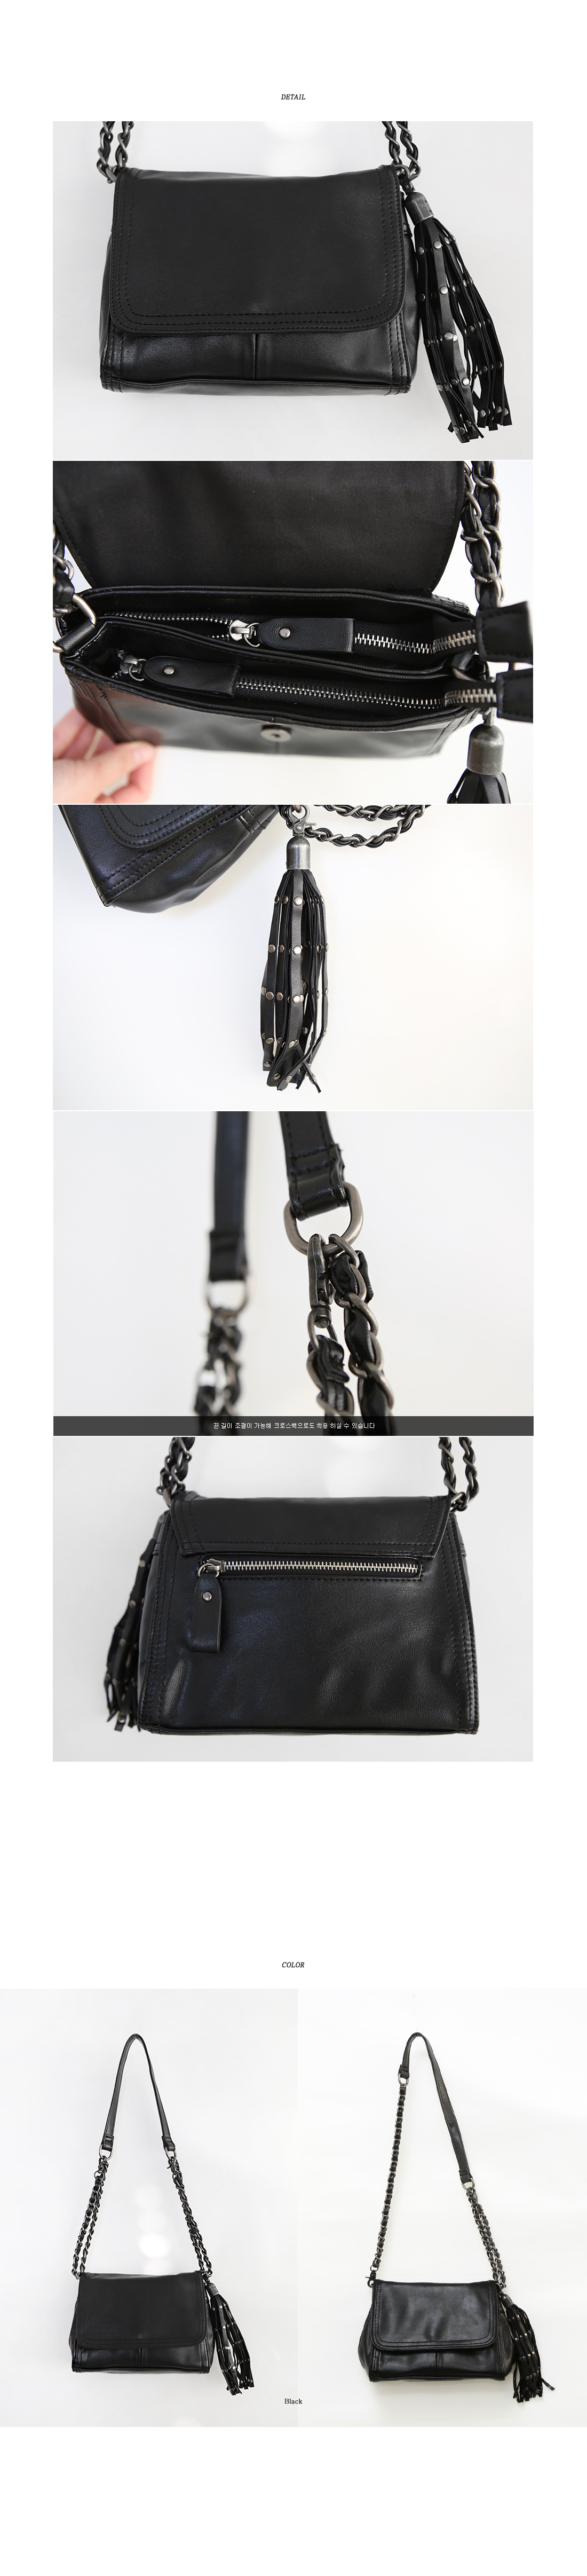 Mini Flap Top Crossbody Bag